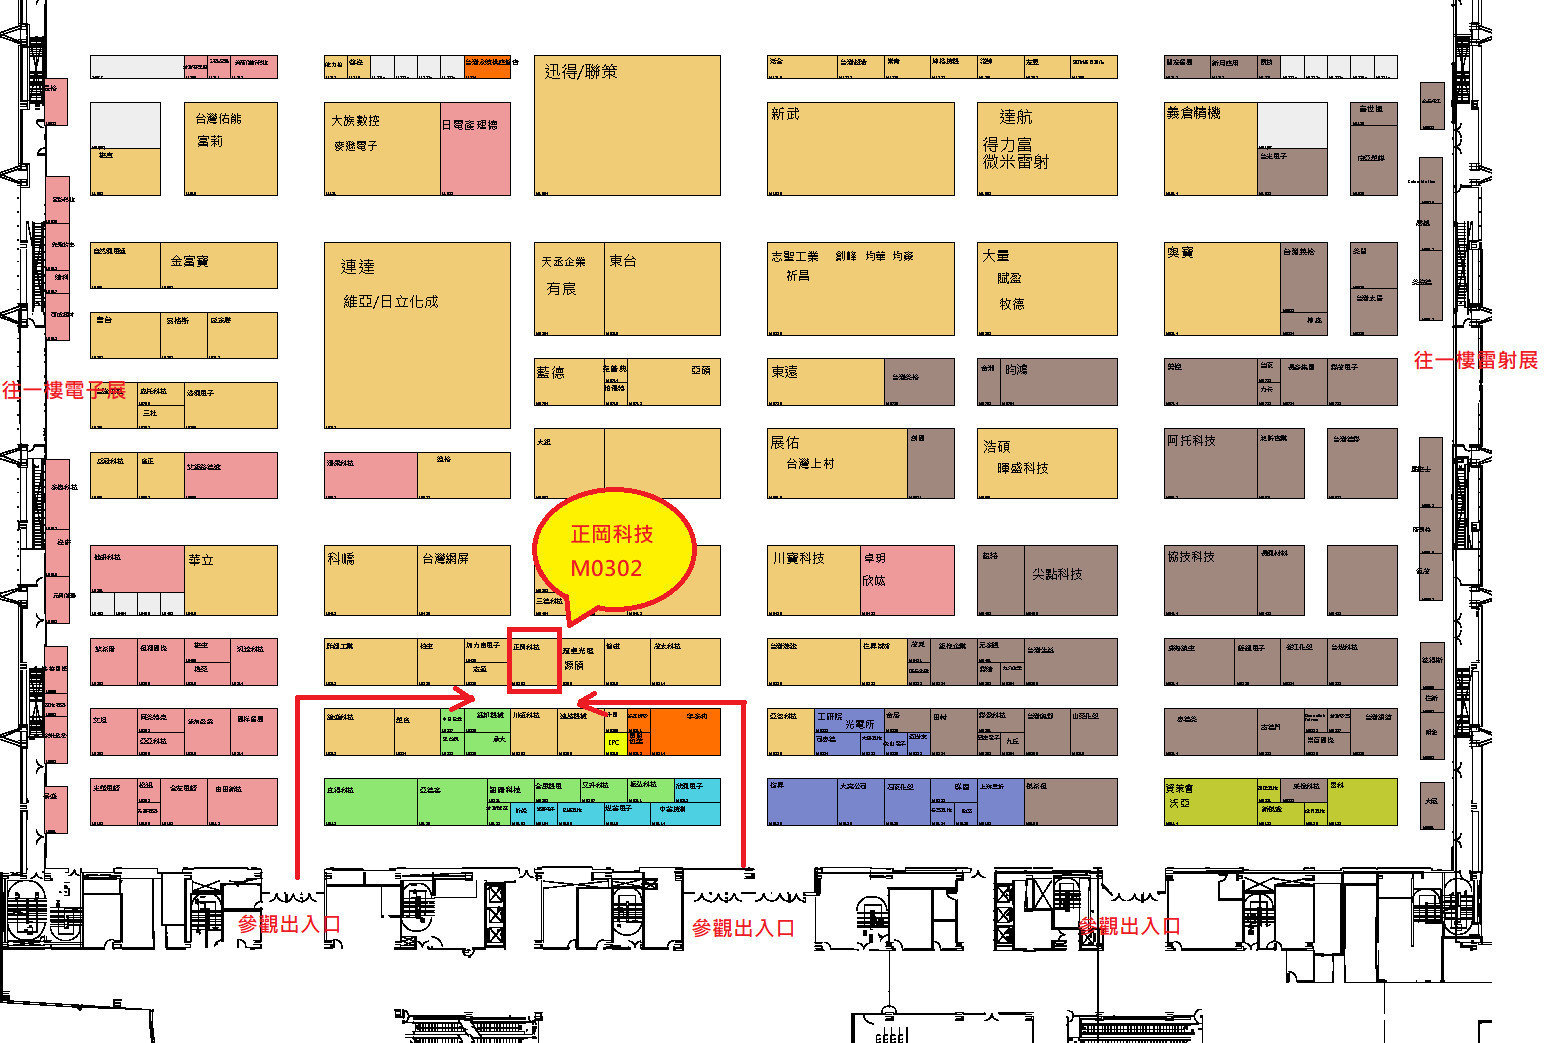 正岡科技M0302攤位位置圖(2020 TPCA SHOW)